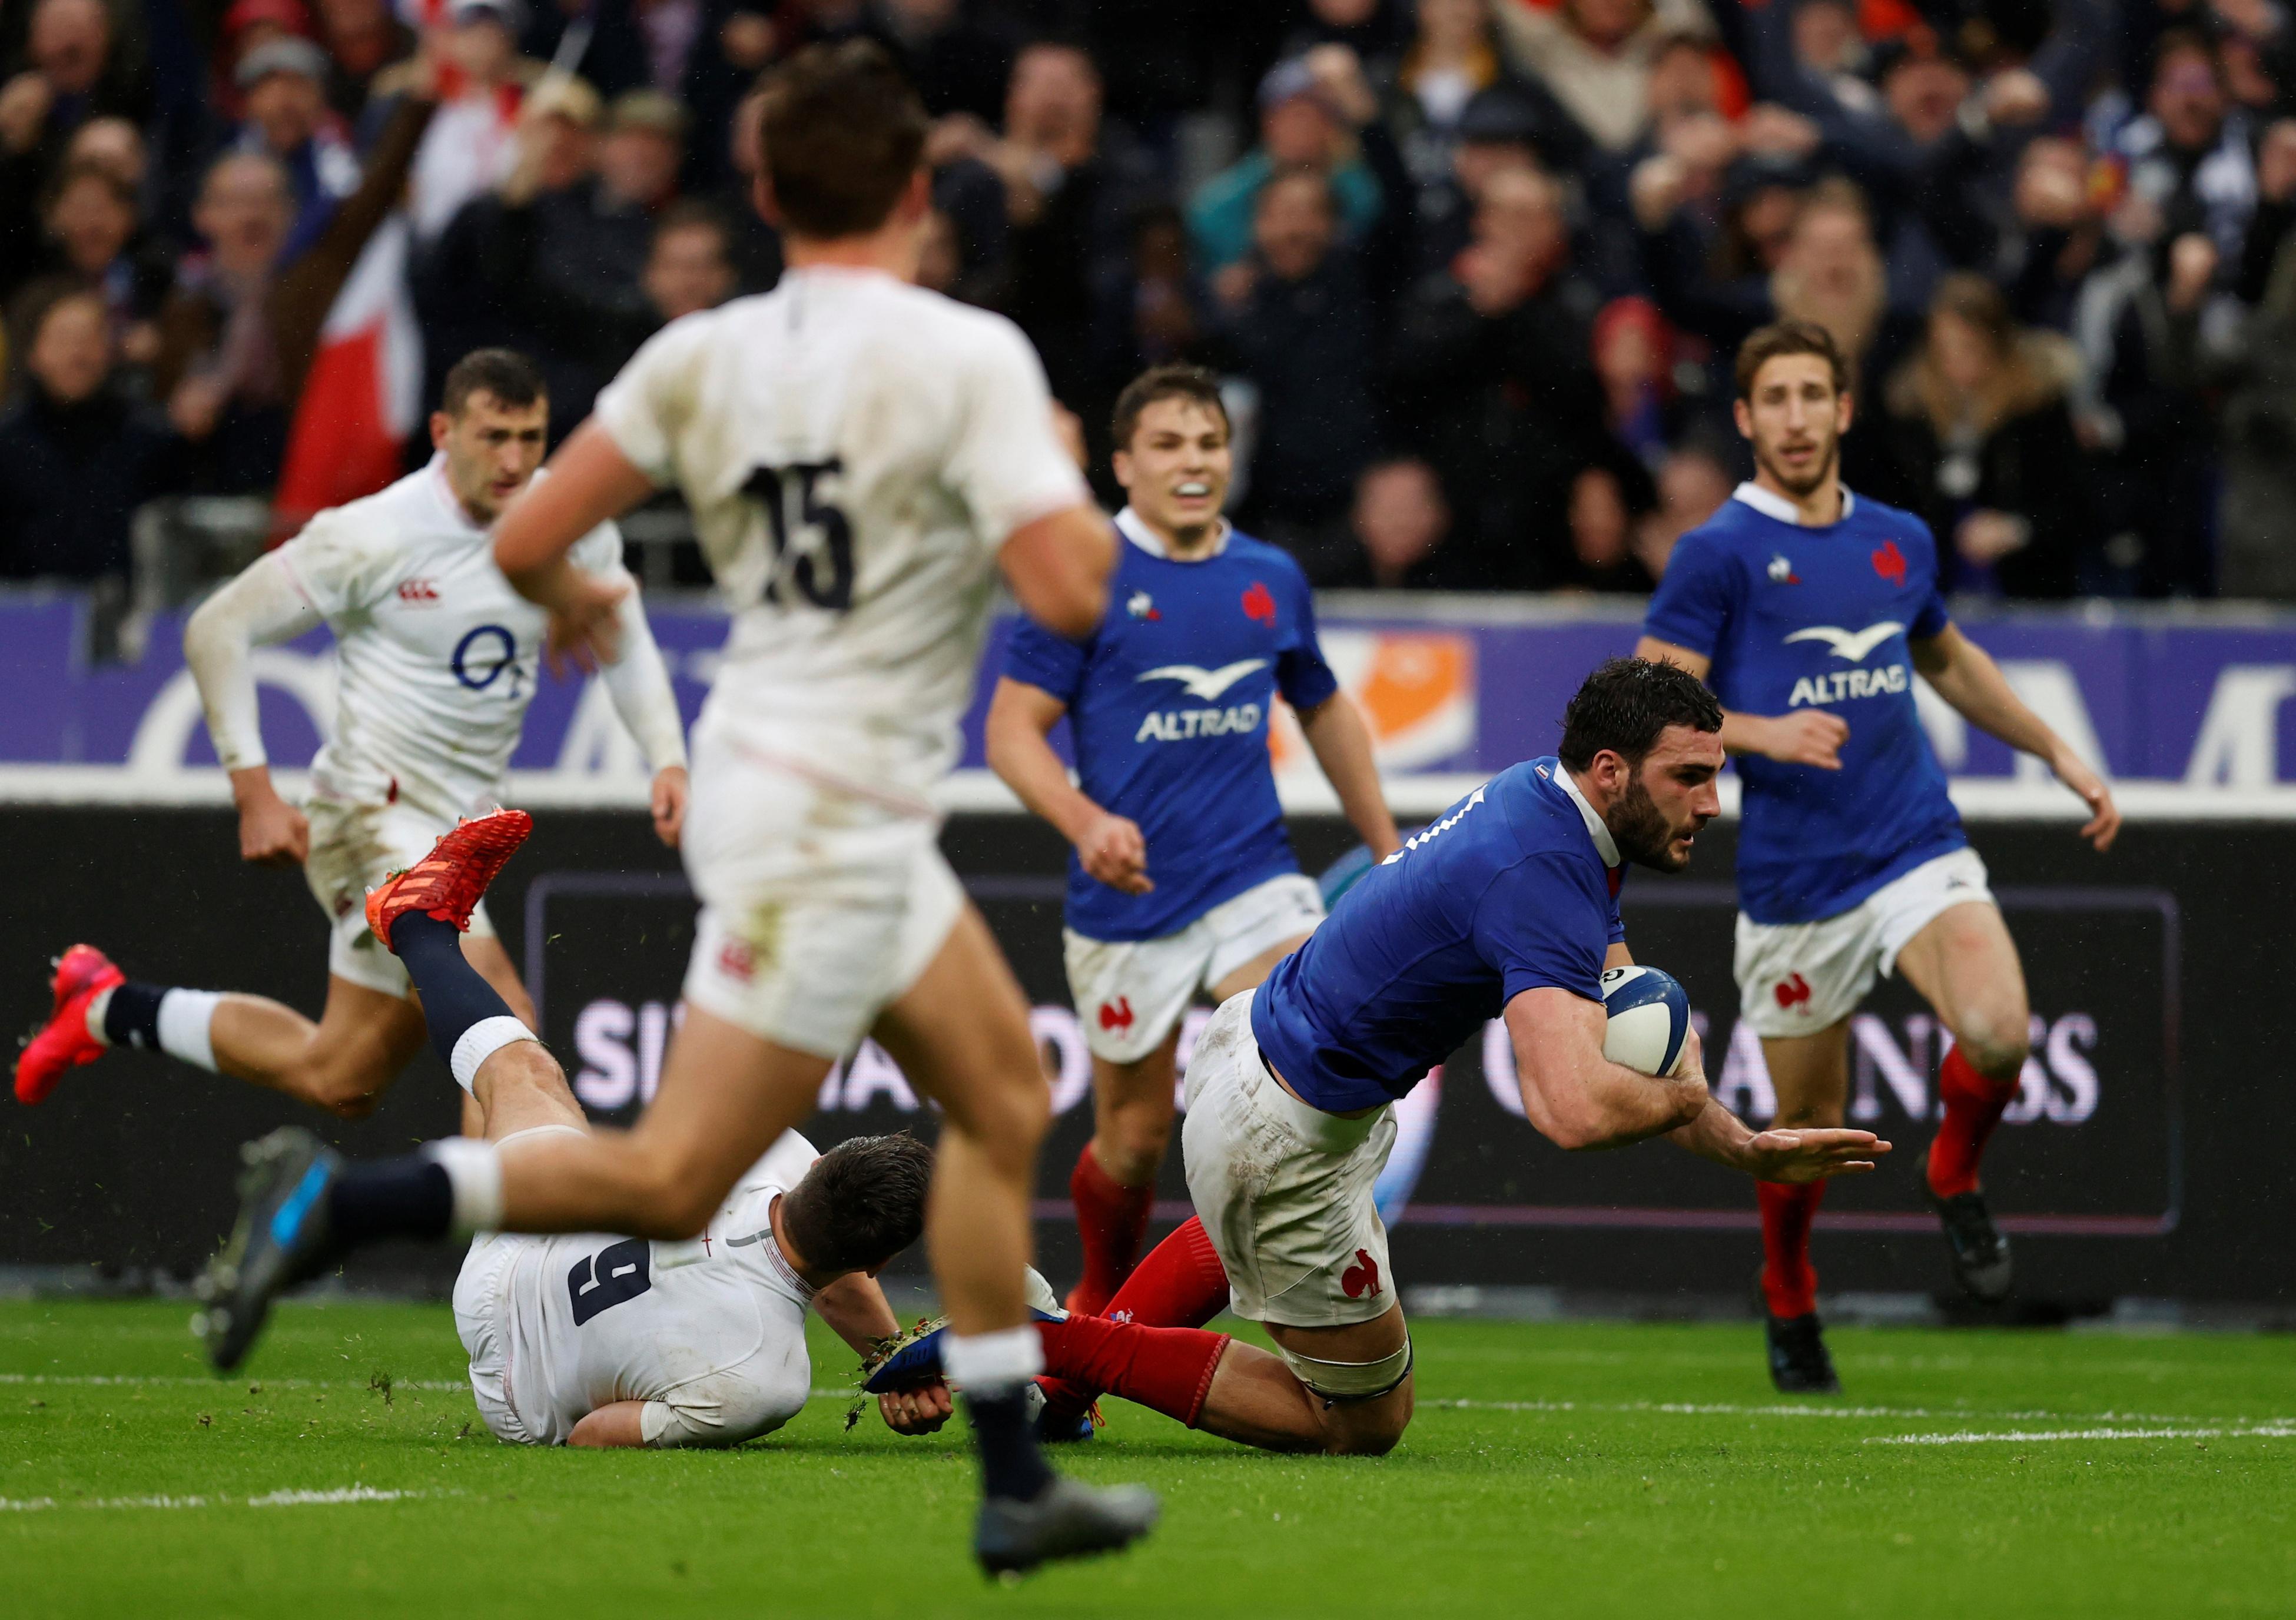 Rugby - XV de France - XV de France : revivez les 13 essais inscrits par les Bleus dans le Tournoi (vidéo)